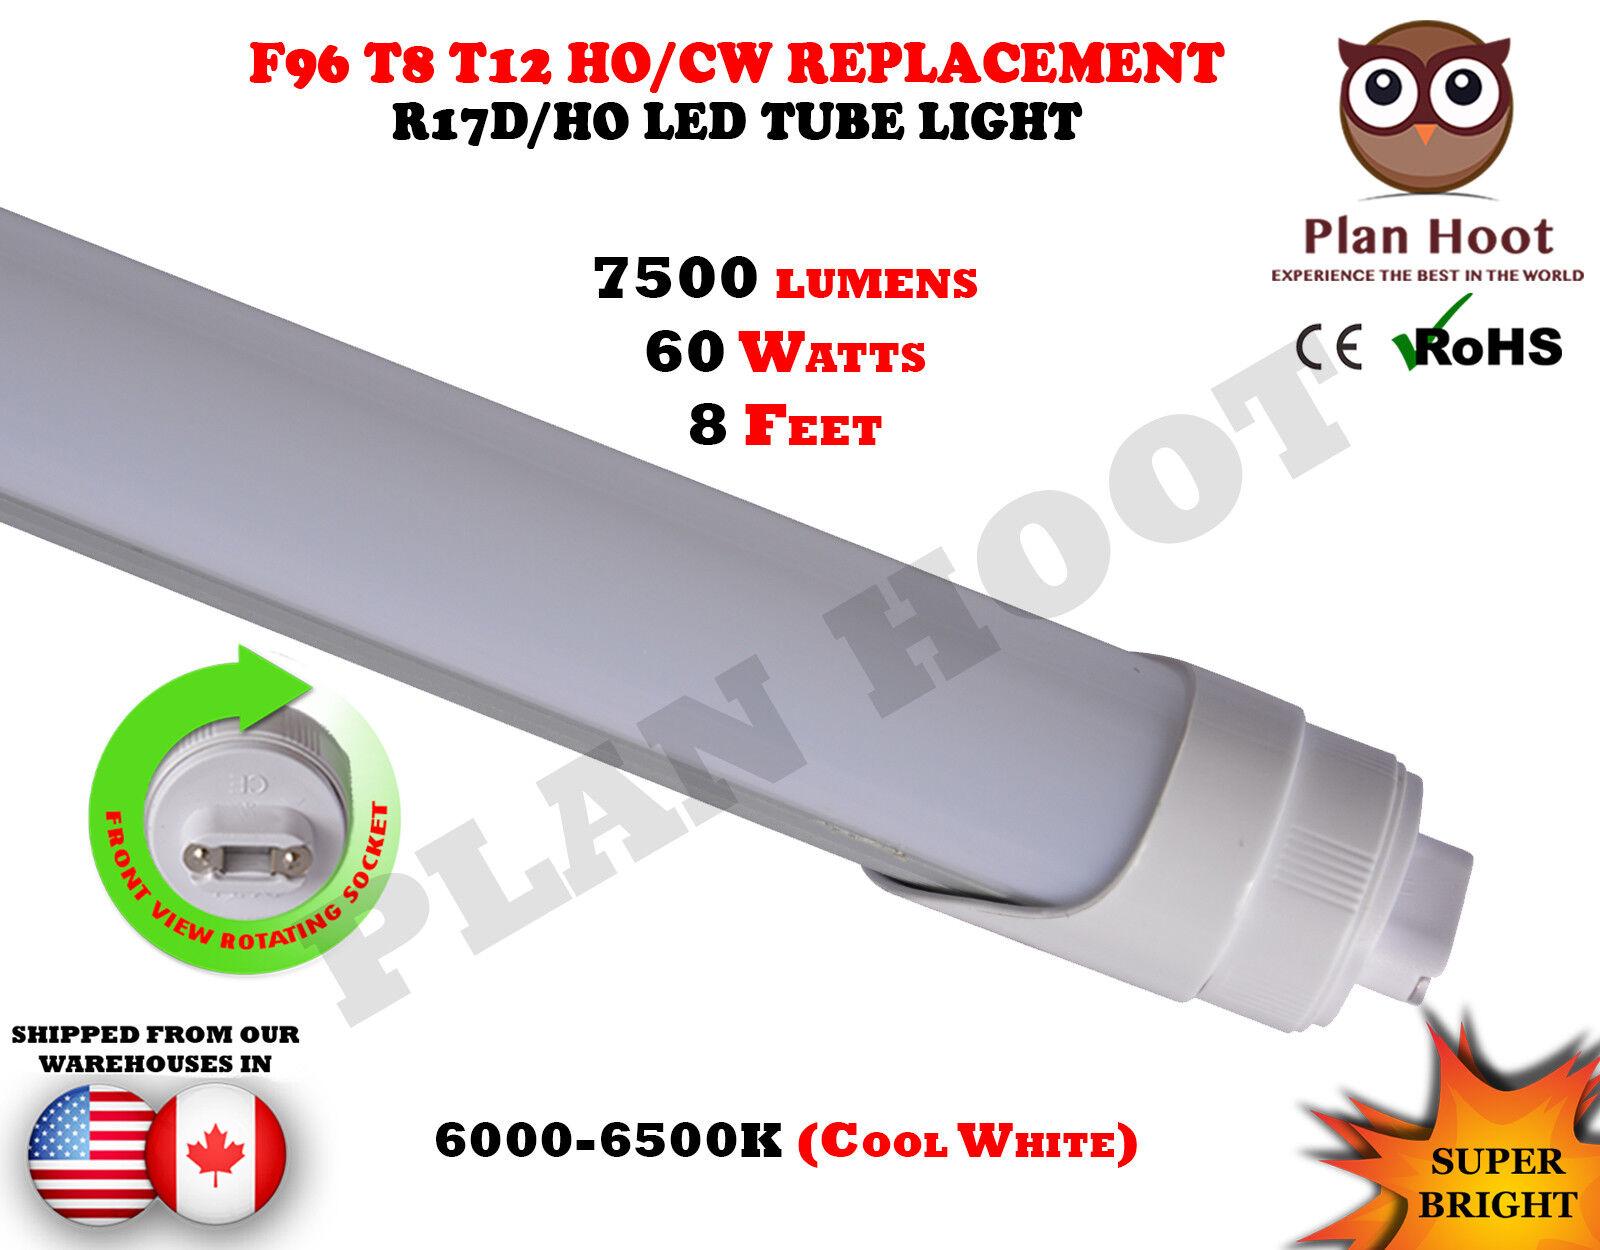 F96T12 T8 R17D HO 8 FT 60 Watt MILKY Lens LED Fluorescent Replacement Tube Light